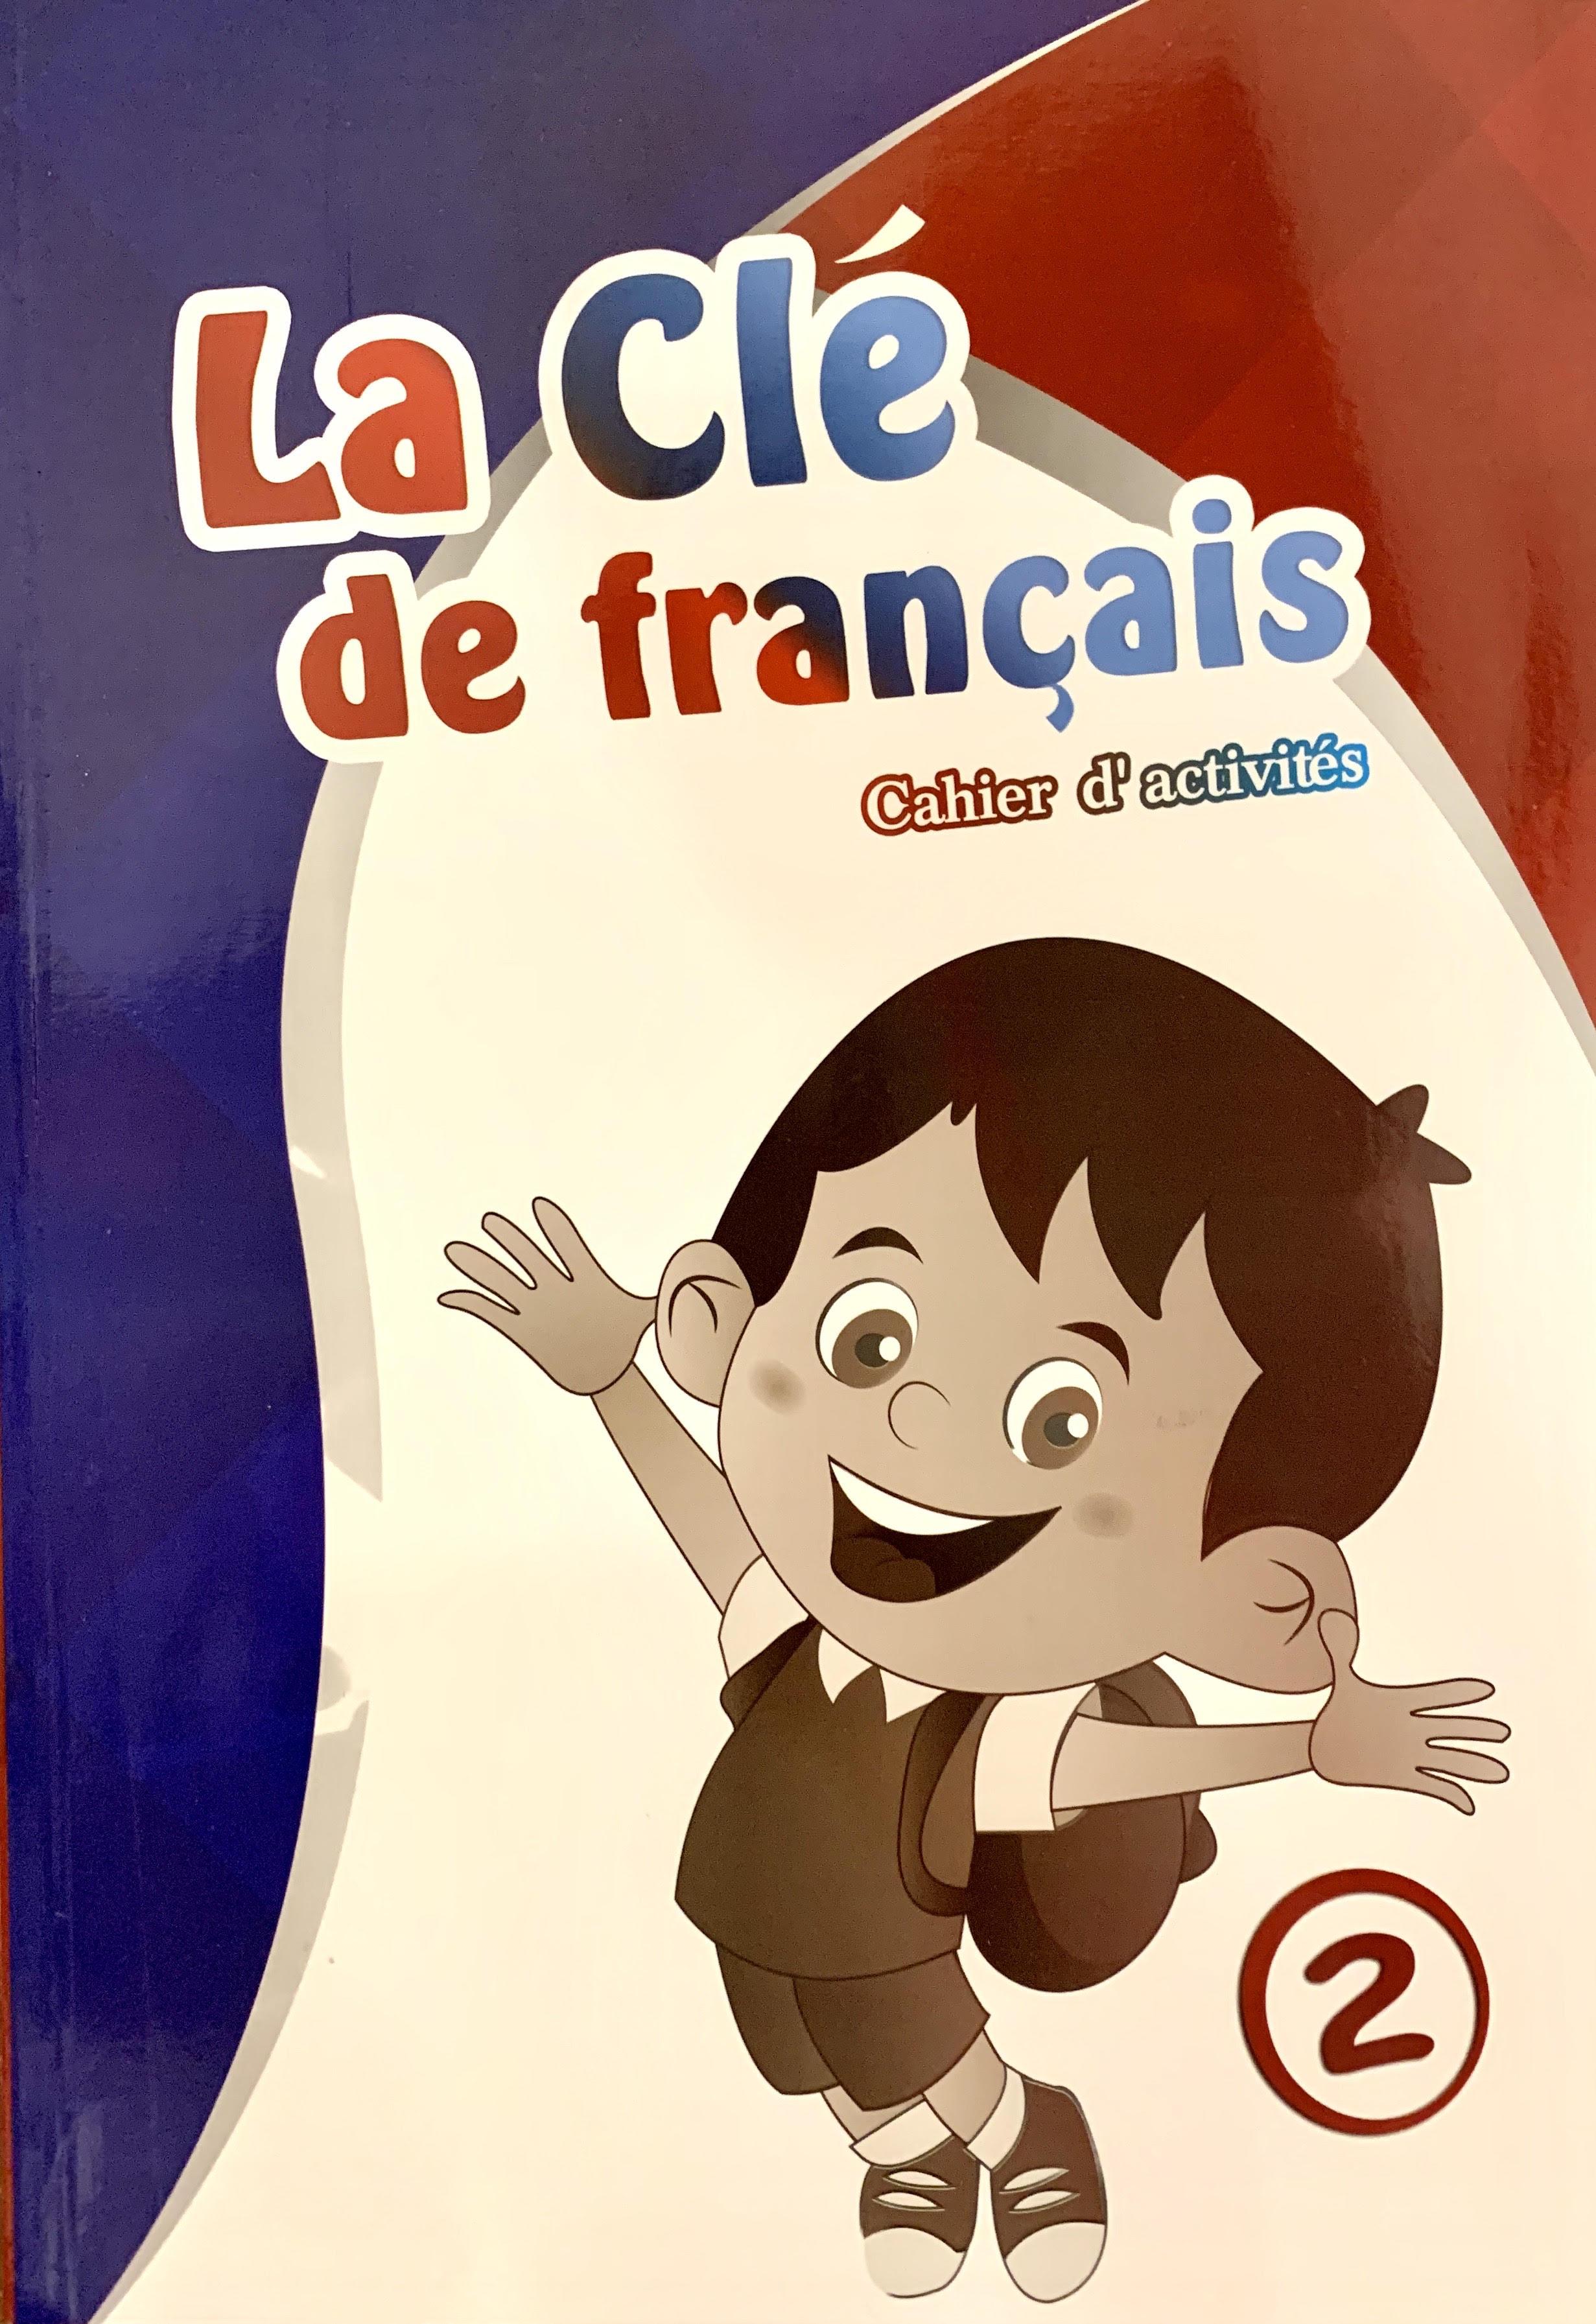 La Cle de Francais Activites 2